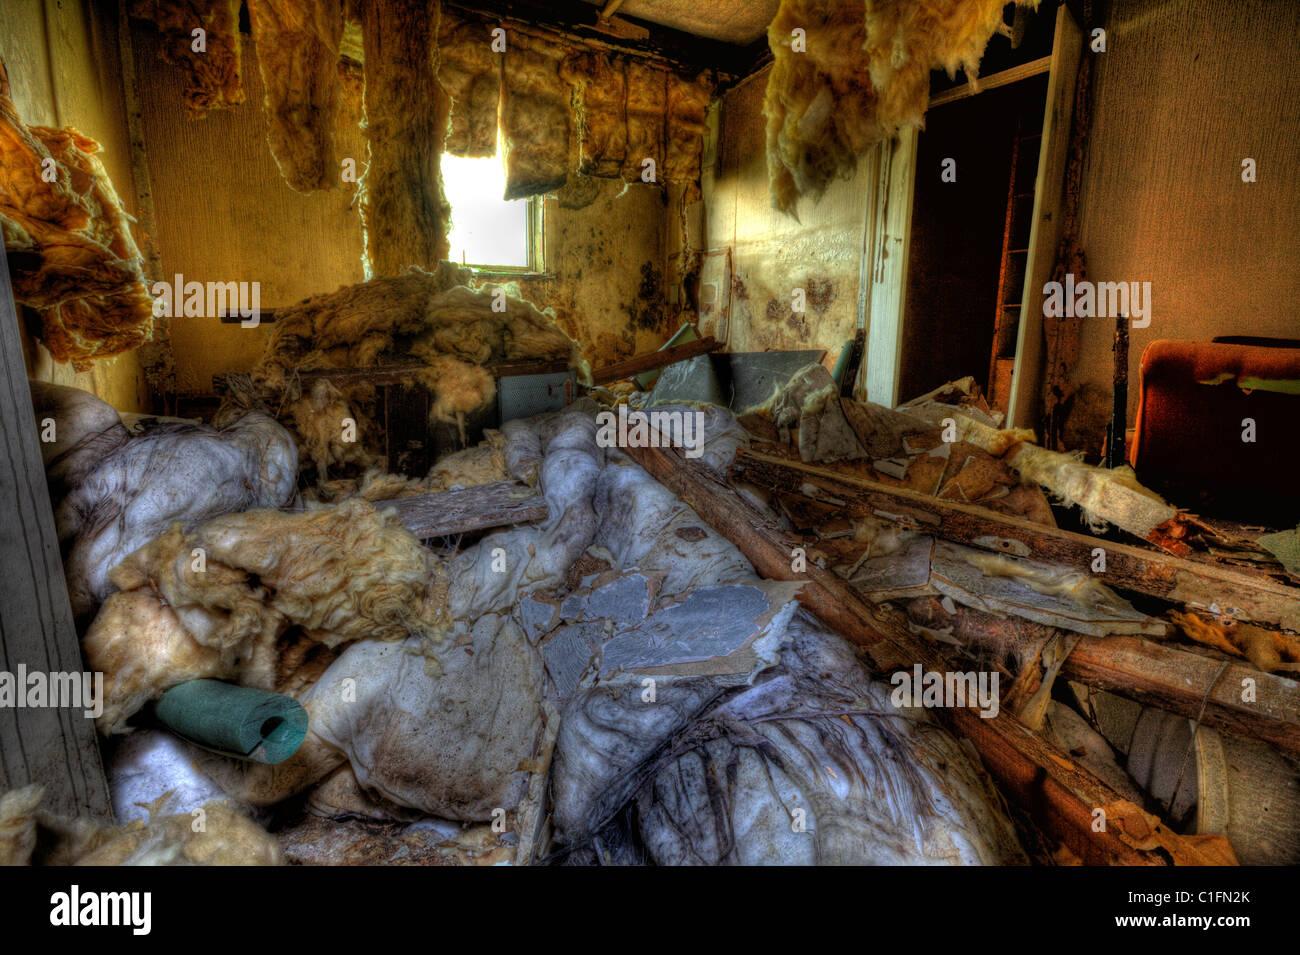 Derelict Drug Den Homeless Slum Derelict Surroundings